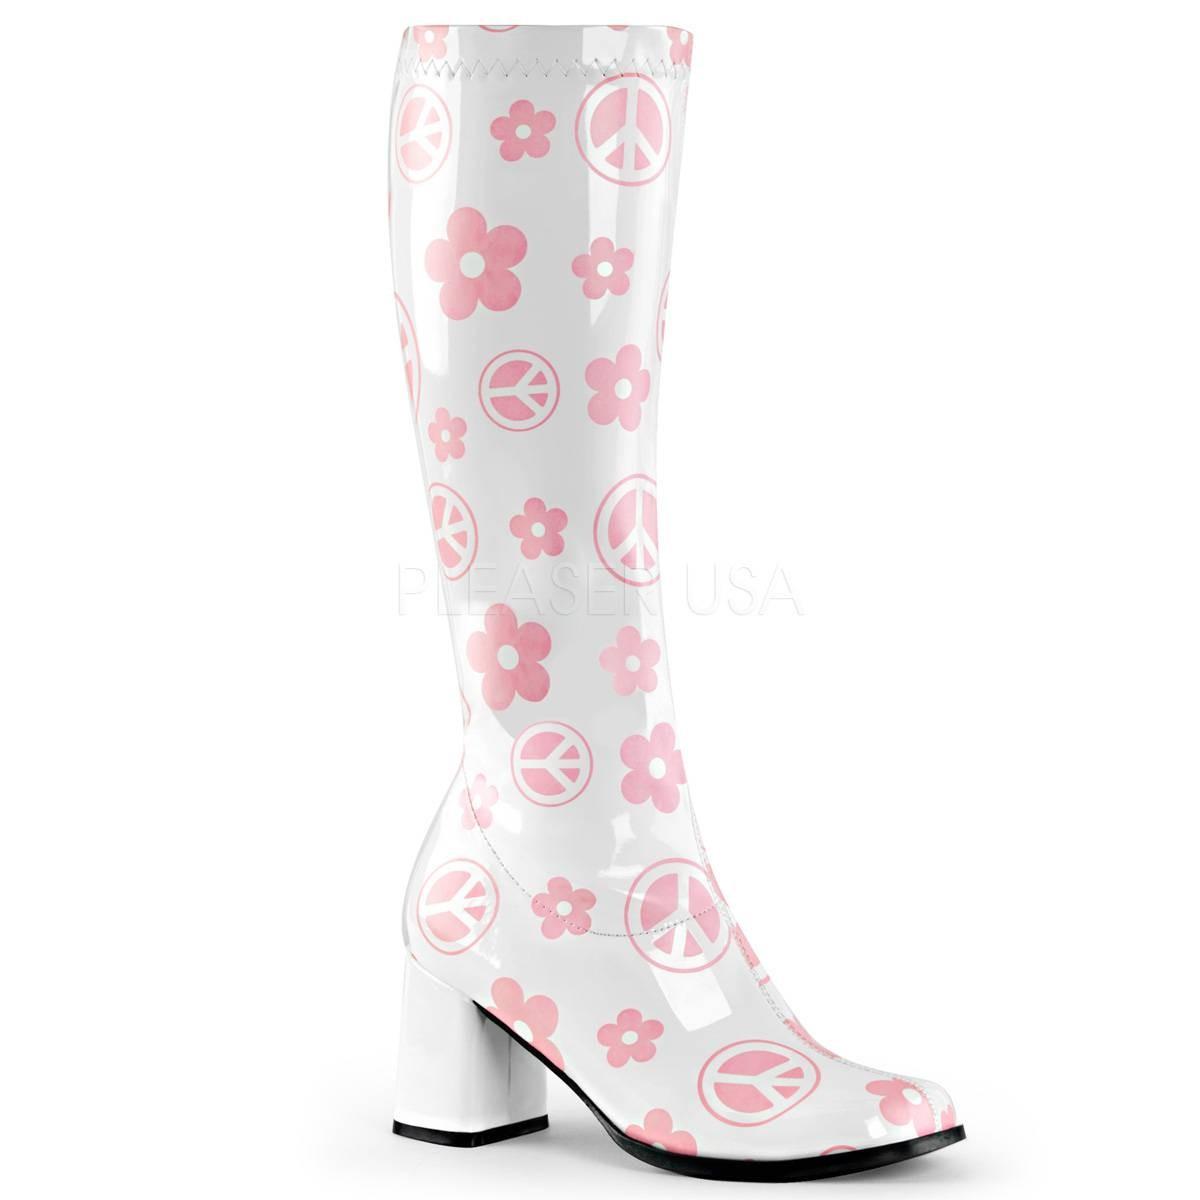 Stiefel für Frauen - GOGO 300FL ° Damen Stiefel ° Weiß Rosa Glänzend ° Funtasma  - Onlineshop RedSixty